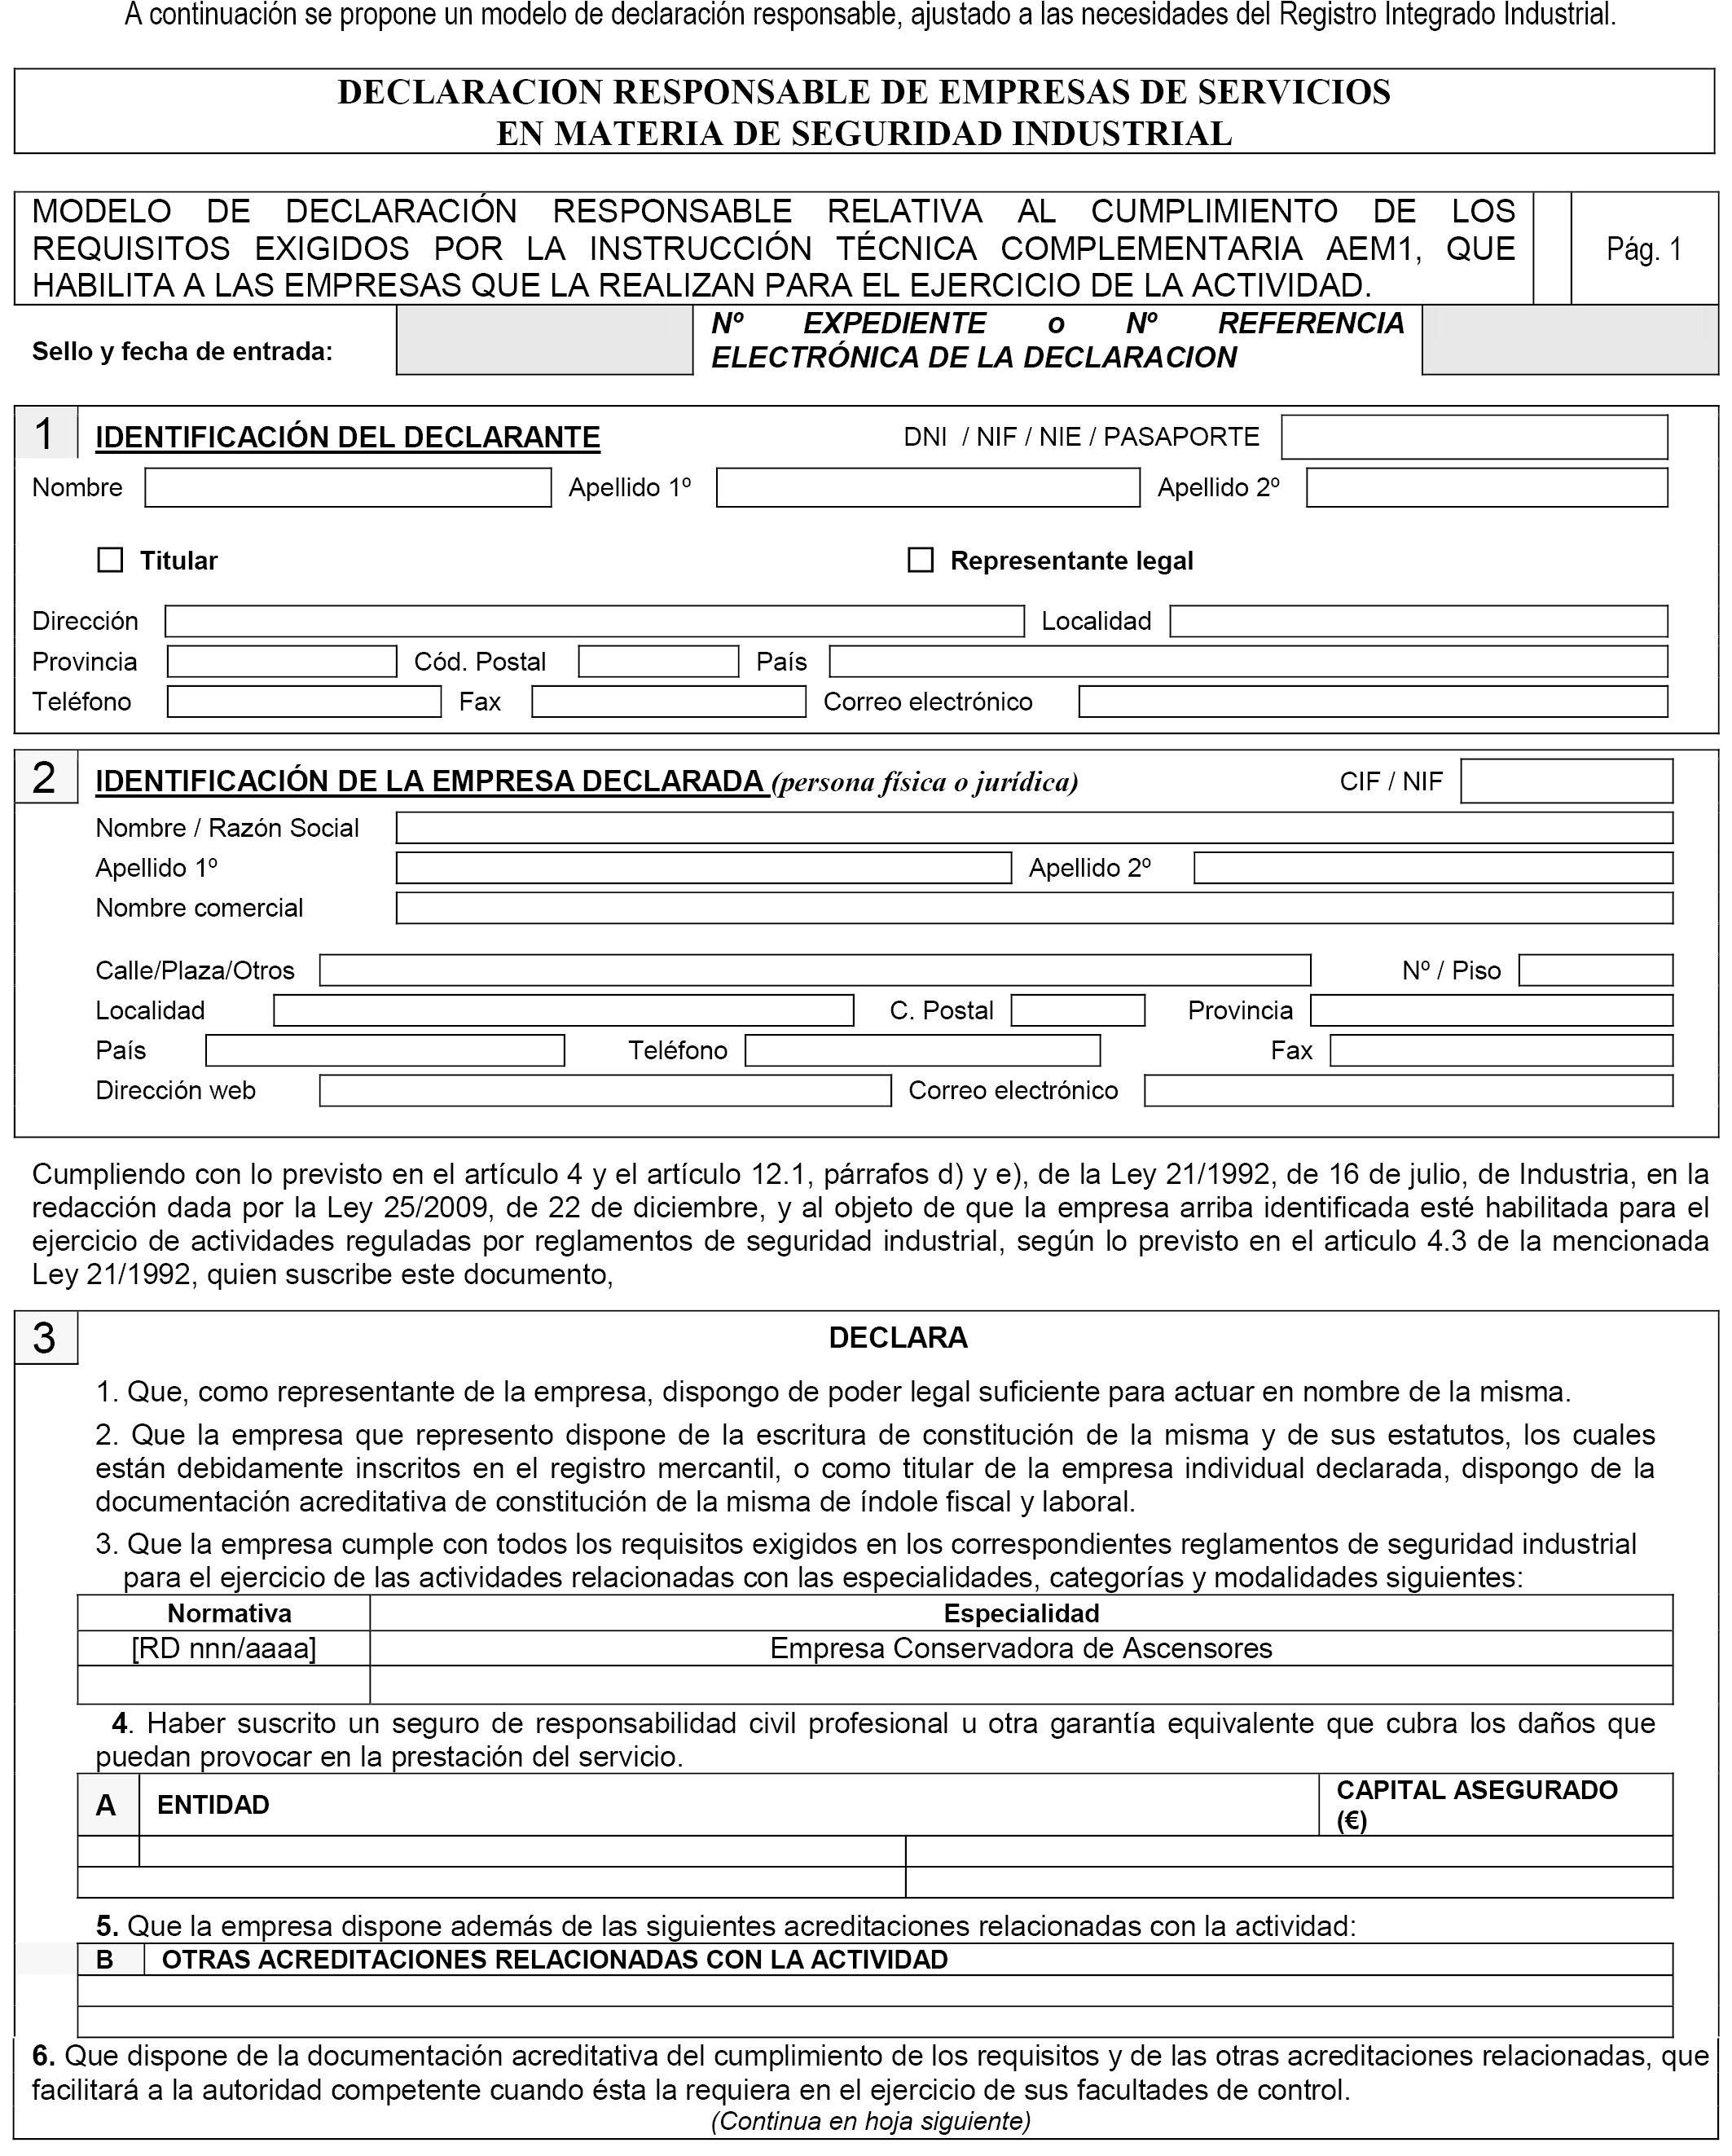 BOE.es - Documento consolidado BOE-A-2013-1969